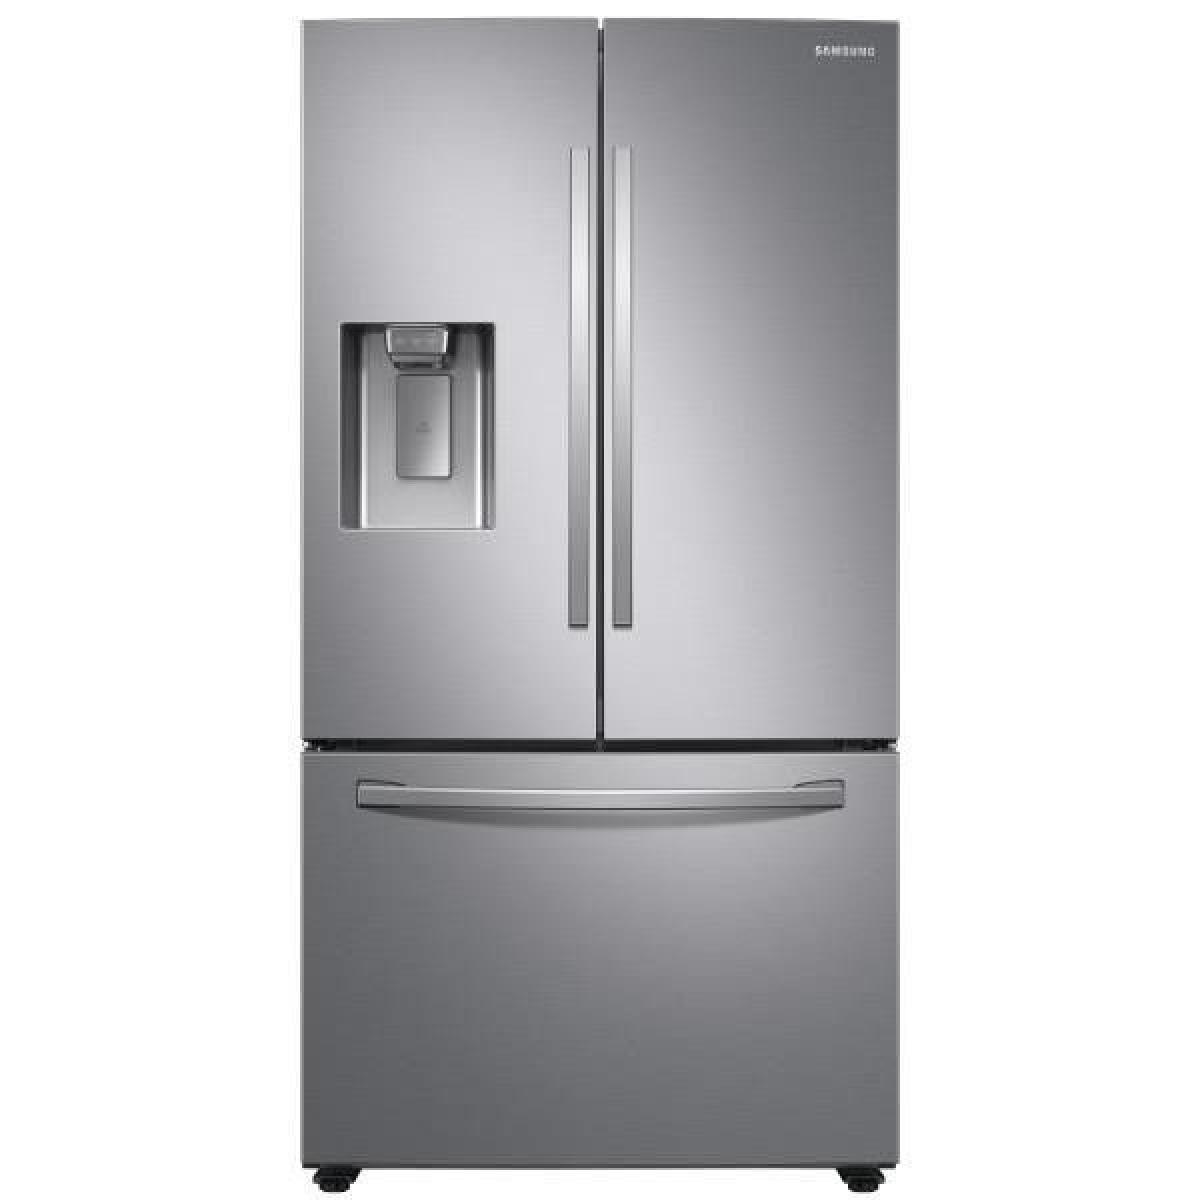 Samsung Réfrigérateur multi-portes 539L Froid Ventilé SAMSUNG 91cm A+, RF54T62E3S9